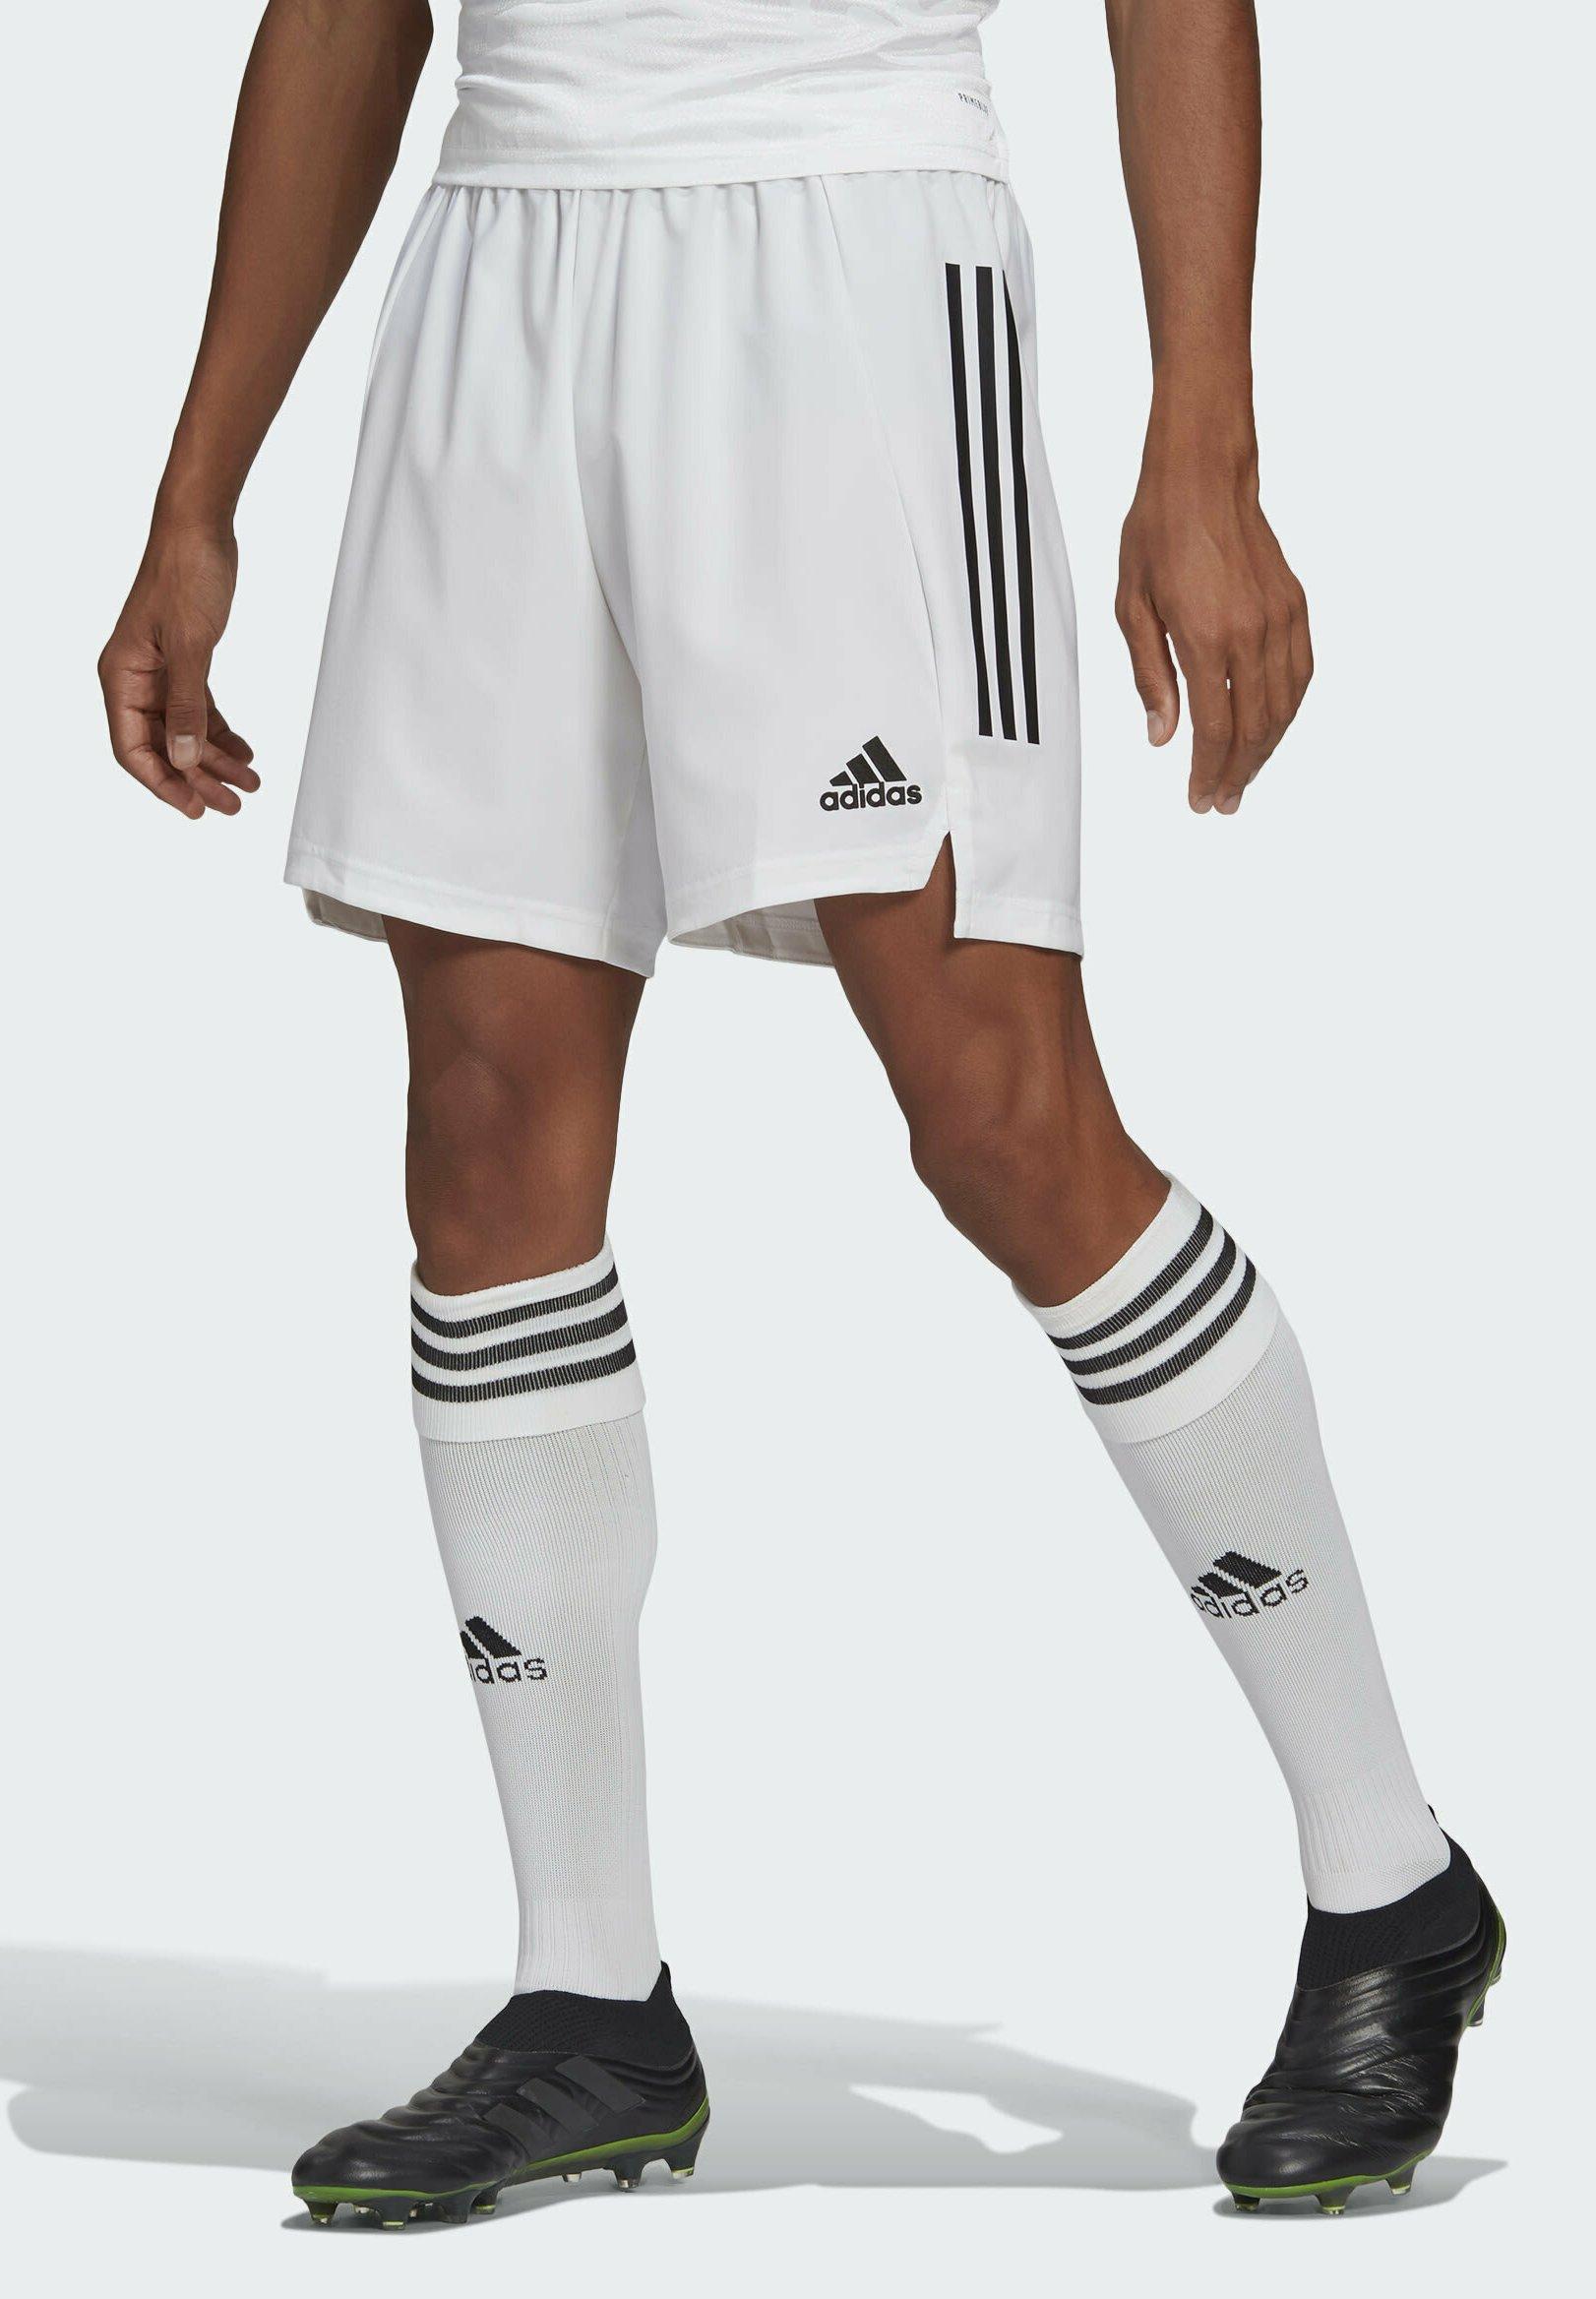 Herren CONDIVO 21 PRIMEBLUE SHORTS - kurze Sporthose